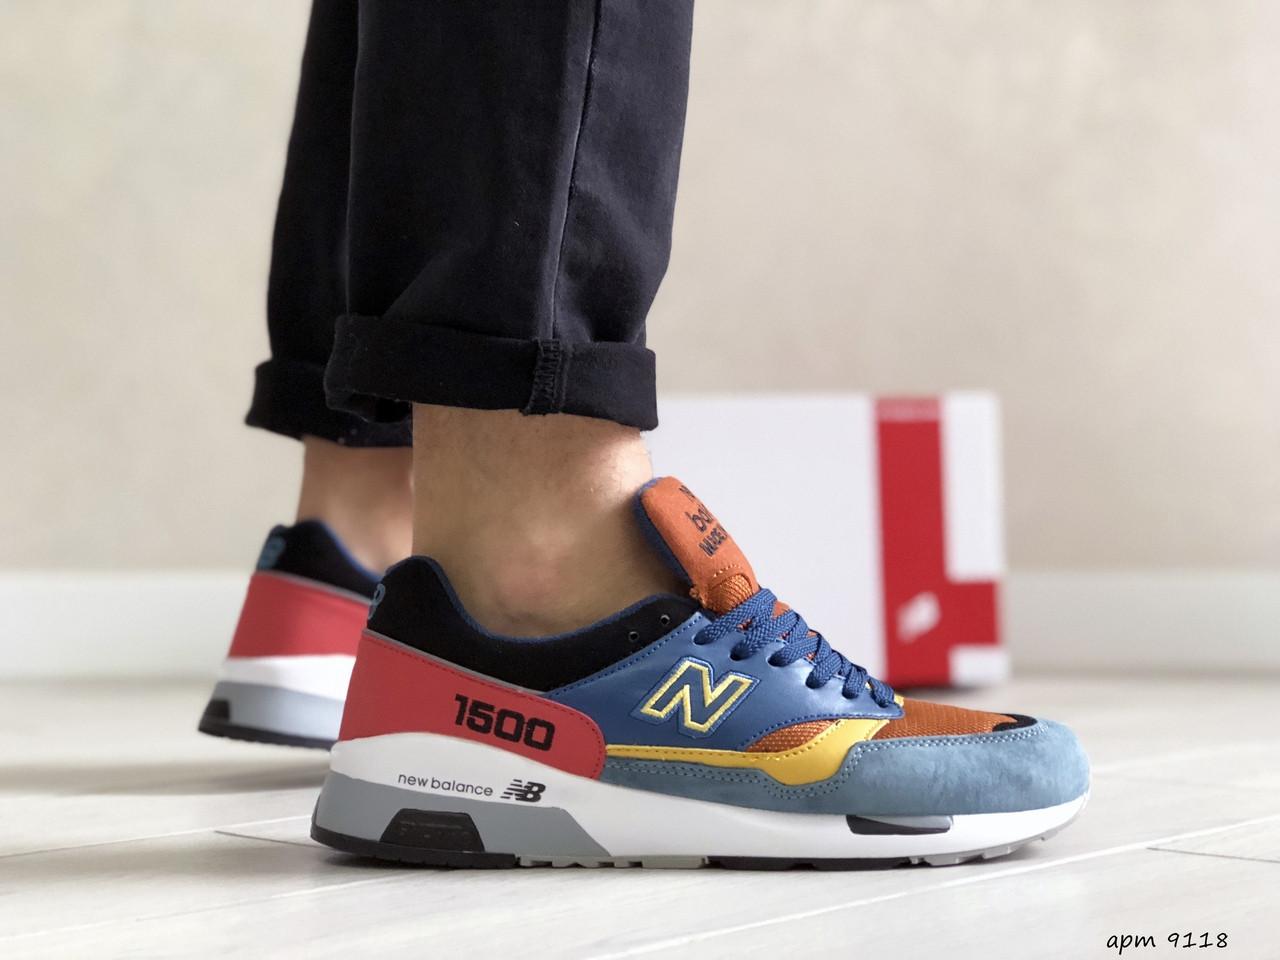 Мужские кроссовки New Balance 1500 ВЕЛИКОБРИТАНИЯ (сине-коричневые) 9118